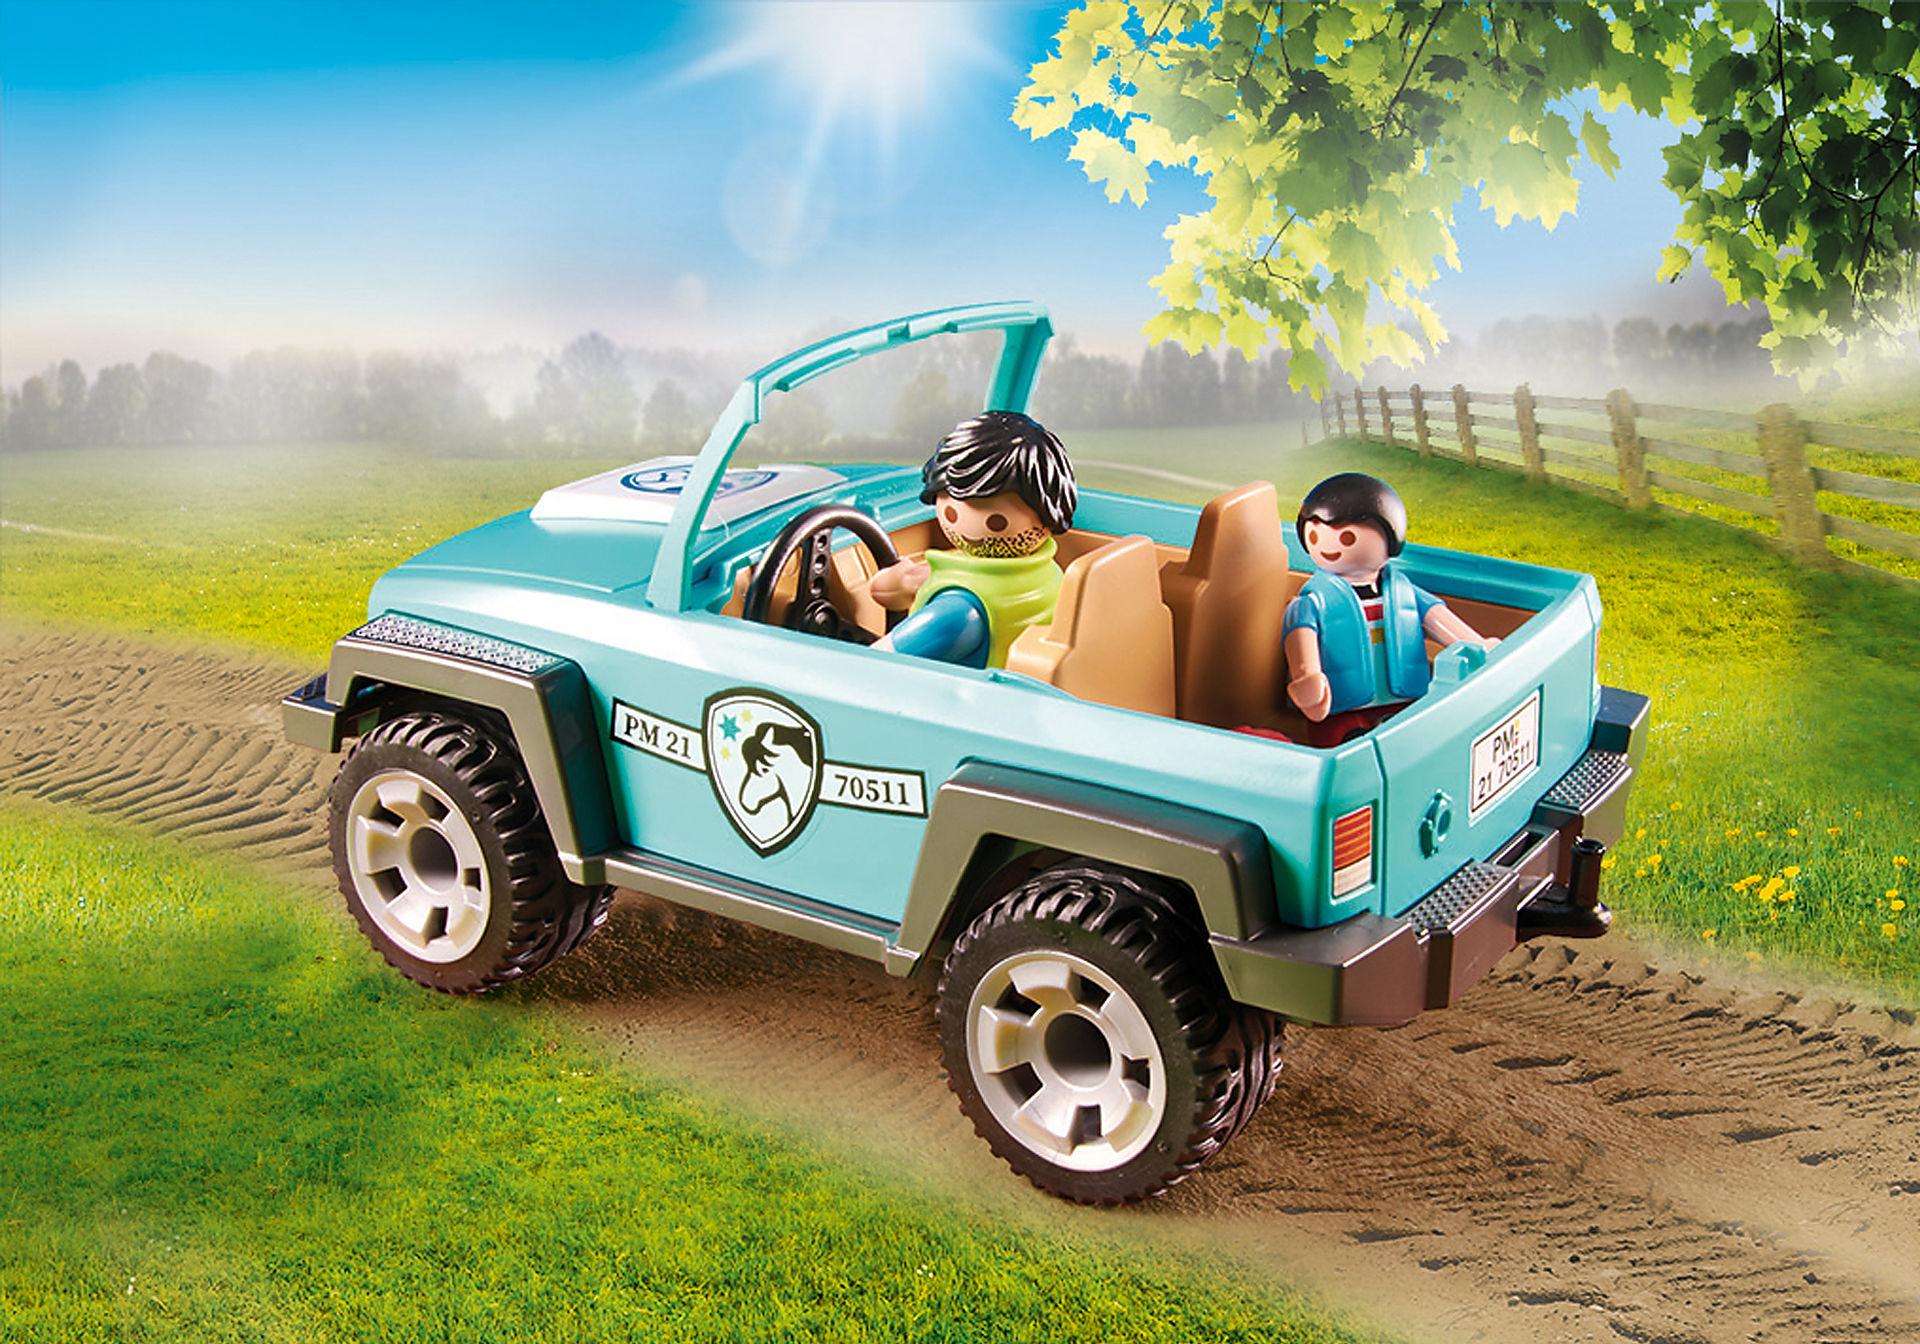 70511 Lastbil med ponyanhænger zoom image5